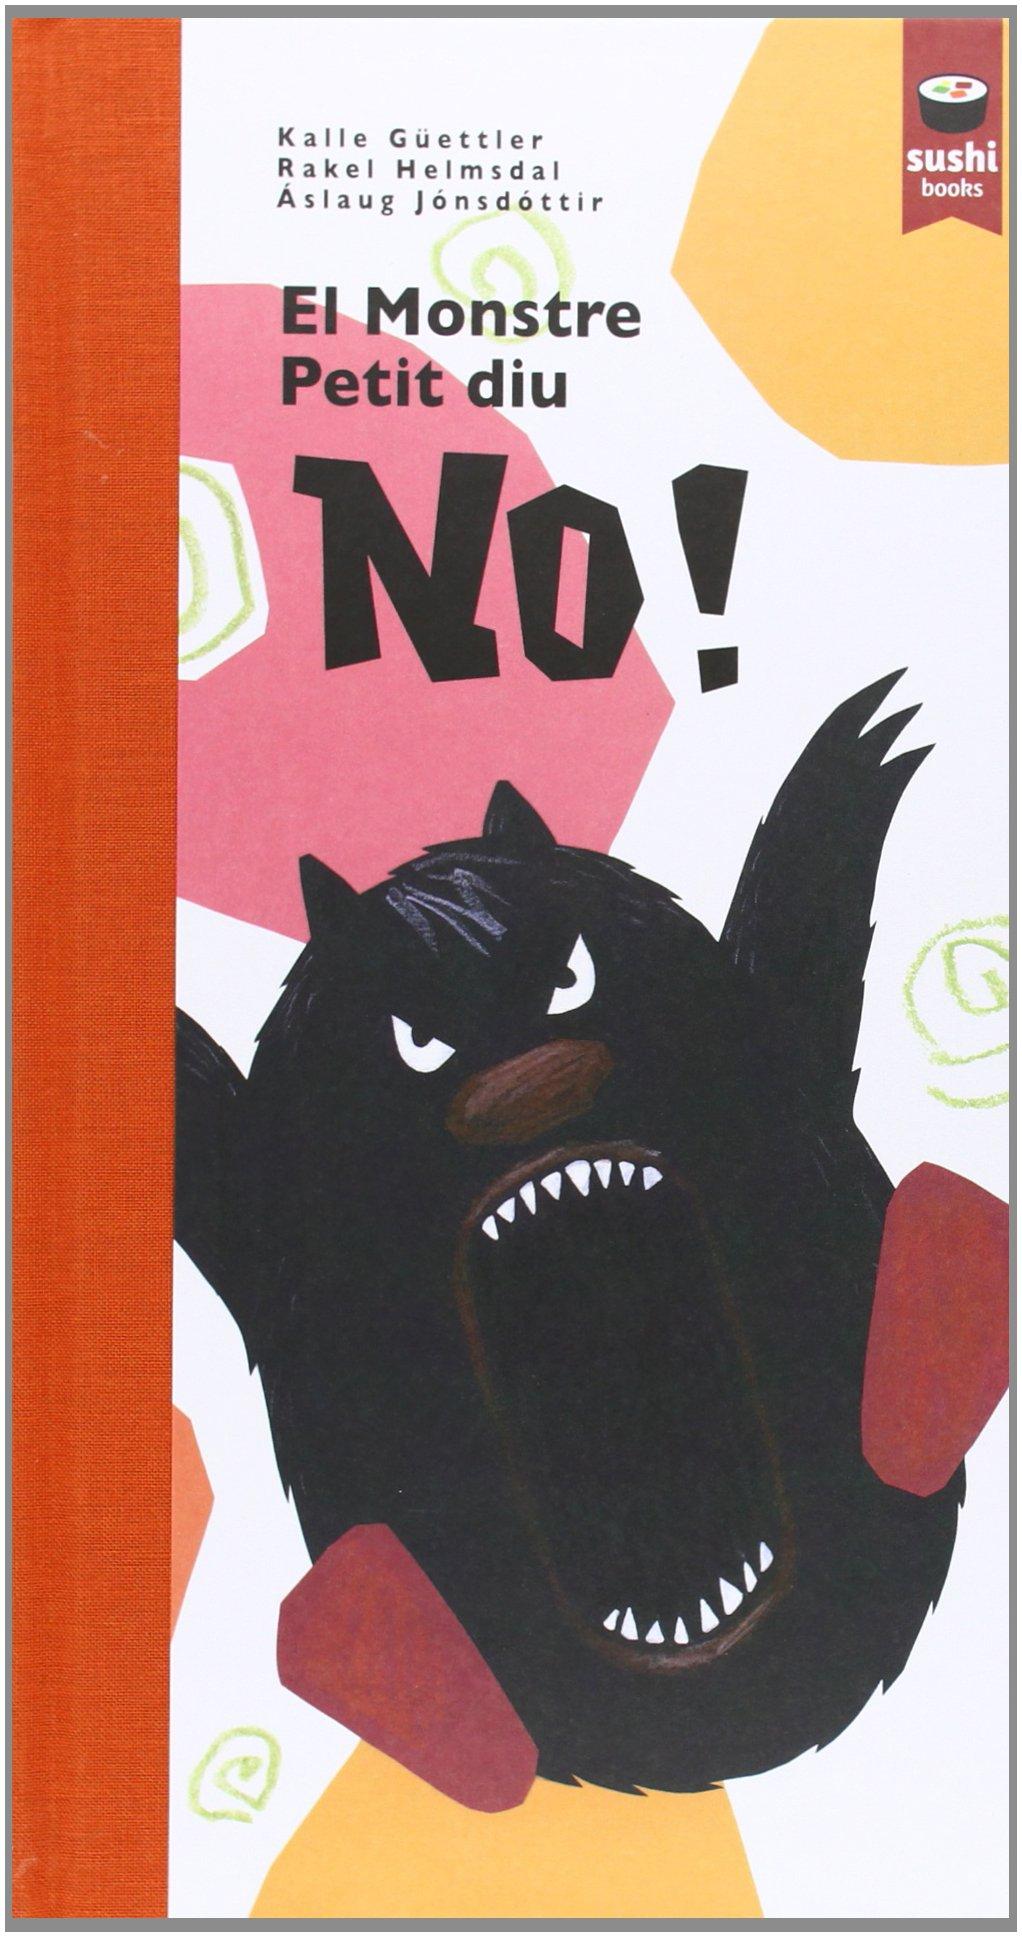 El Monstre Petit Diu No! (SUSHI BOOKS CATALA): Amazon.es: Vv.Aa.: Libros